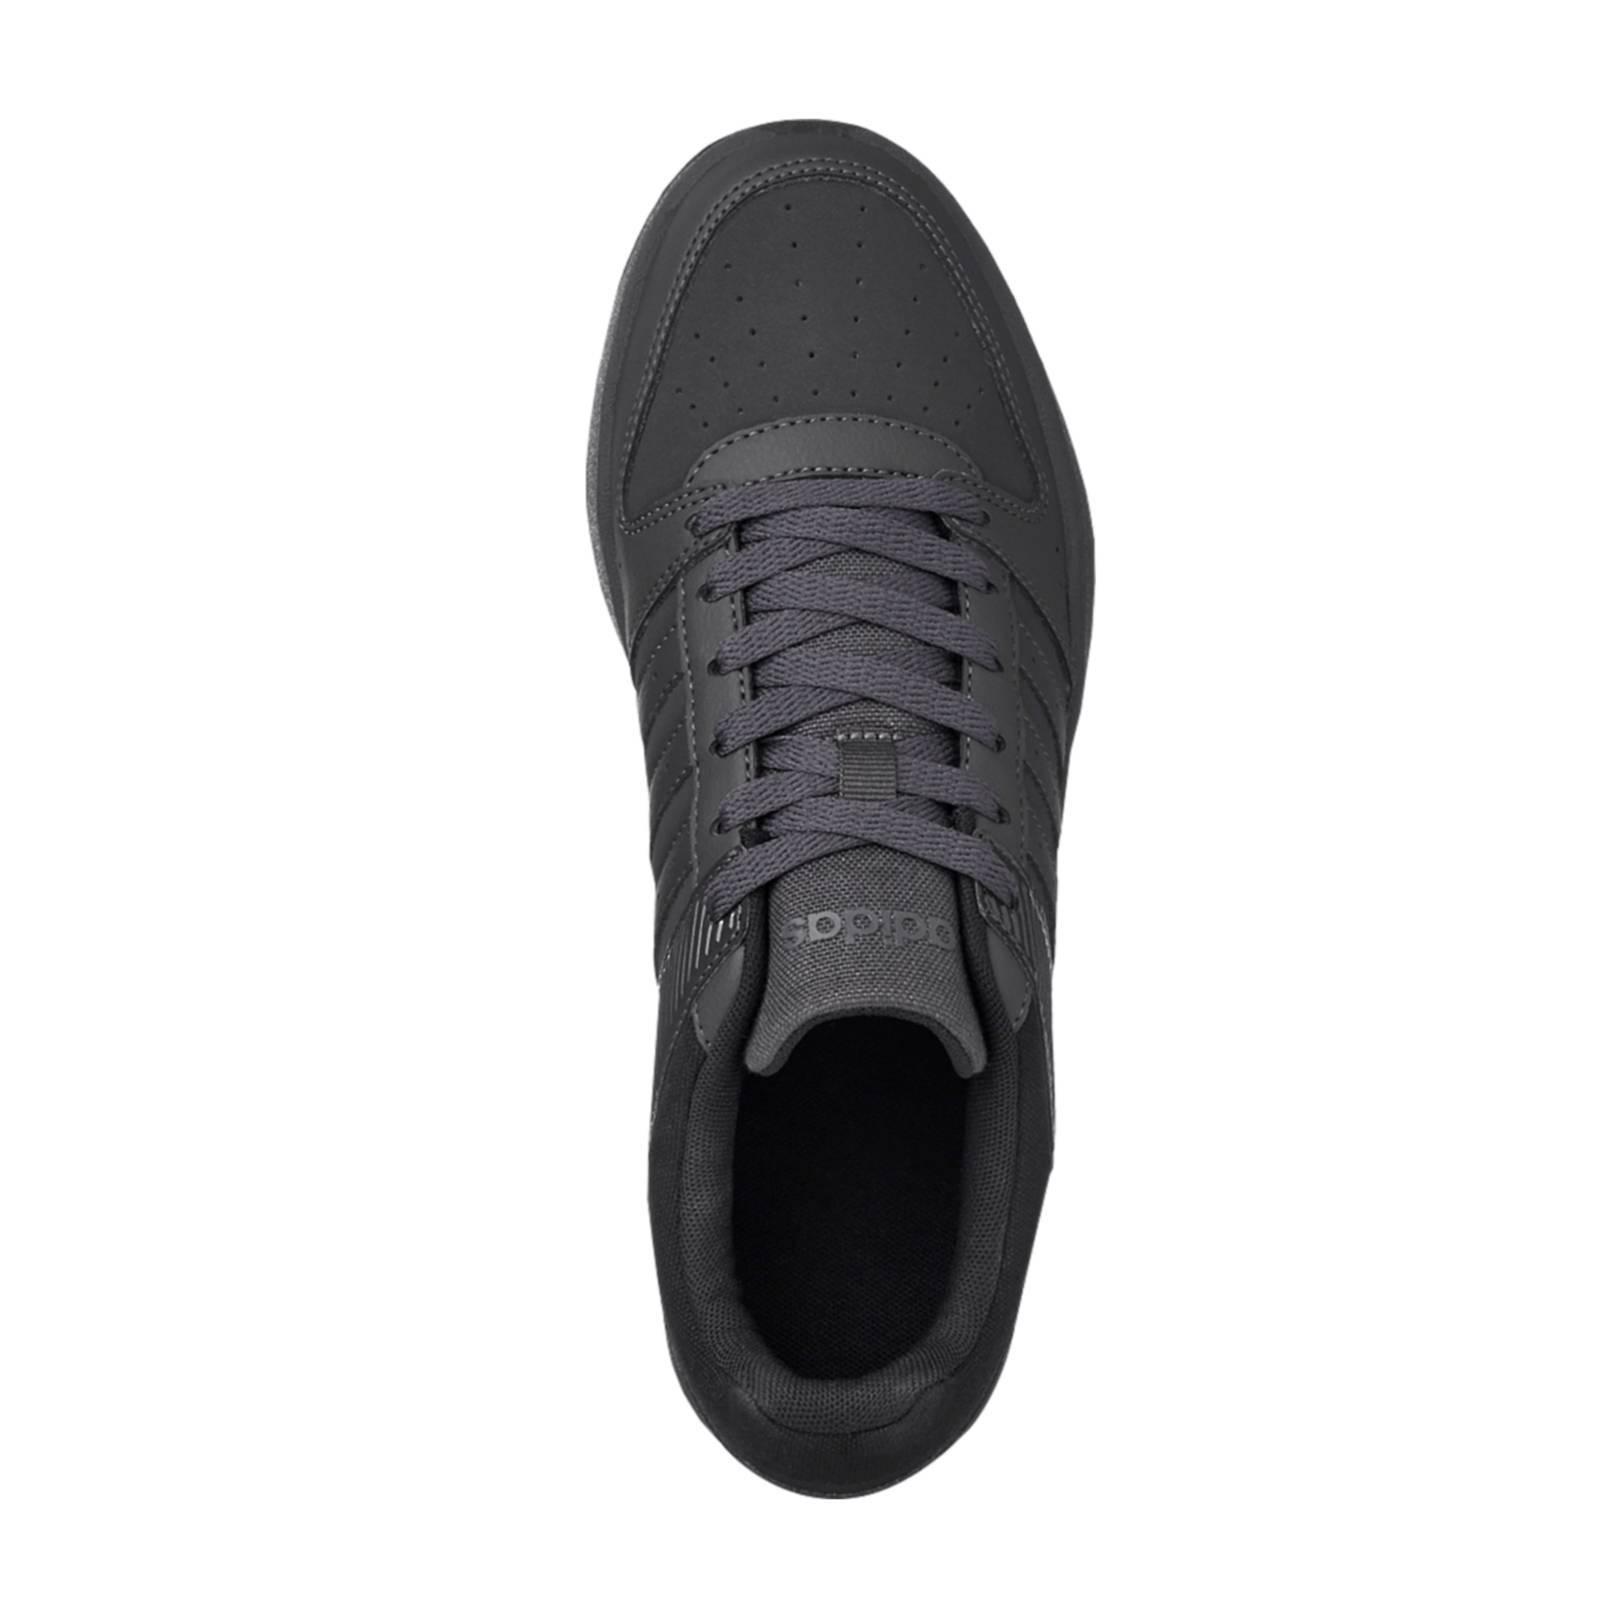 Hoopster Vs Black Adidas Ladies Sneakers 5Hqwdfdz